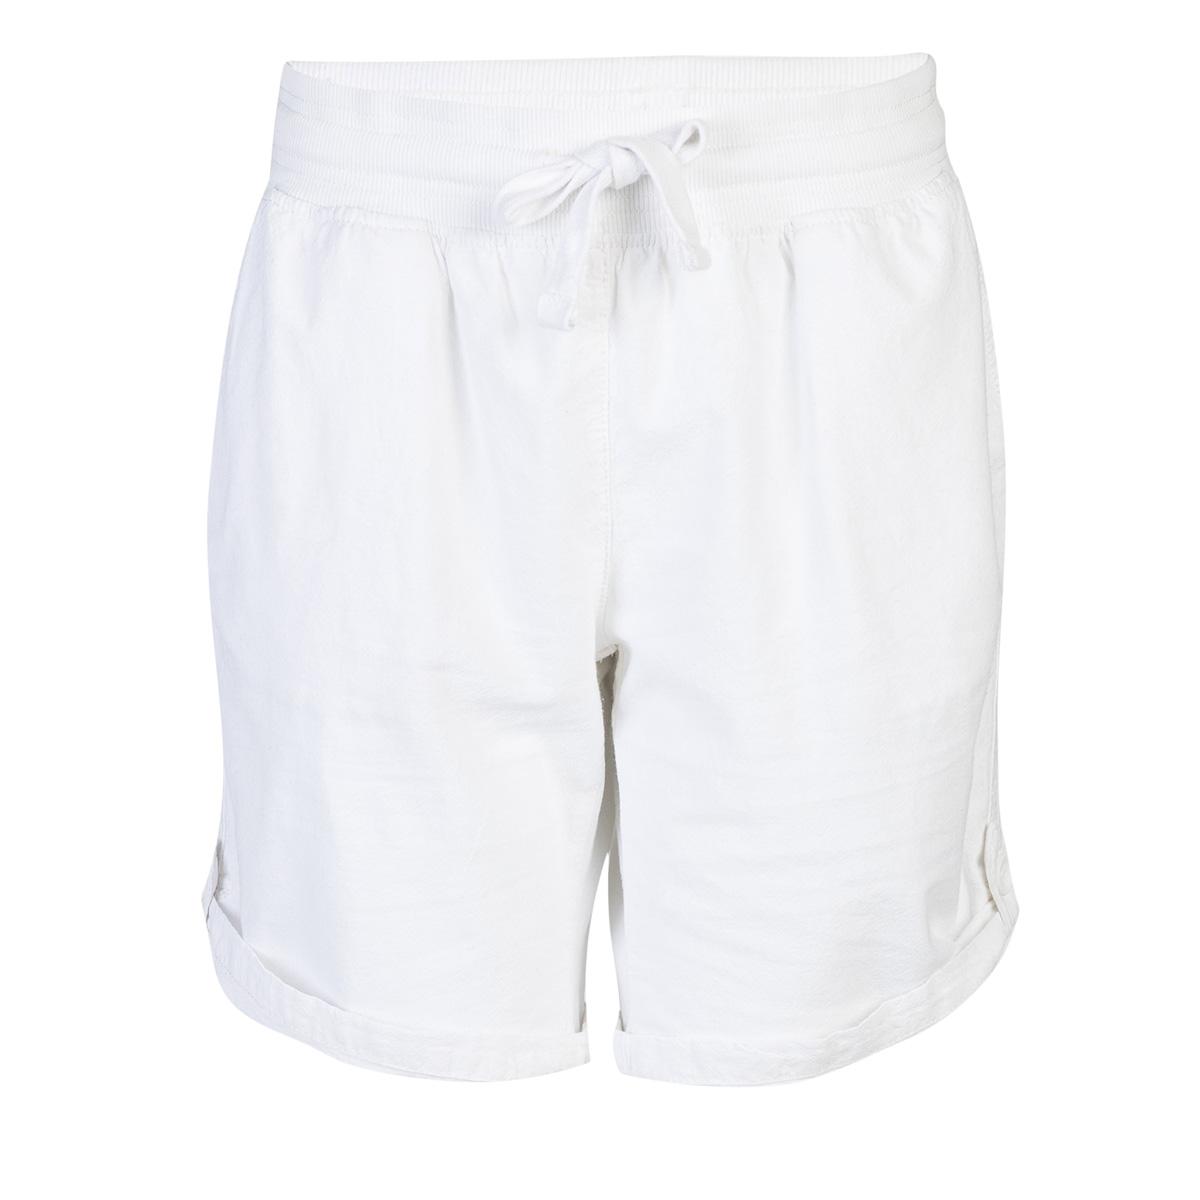 Ženske hlače, bela